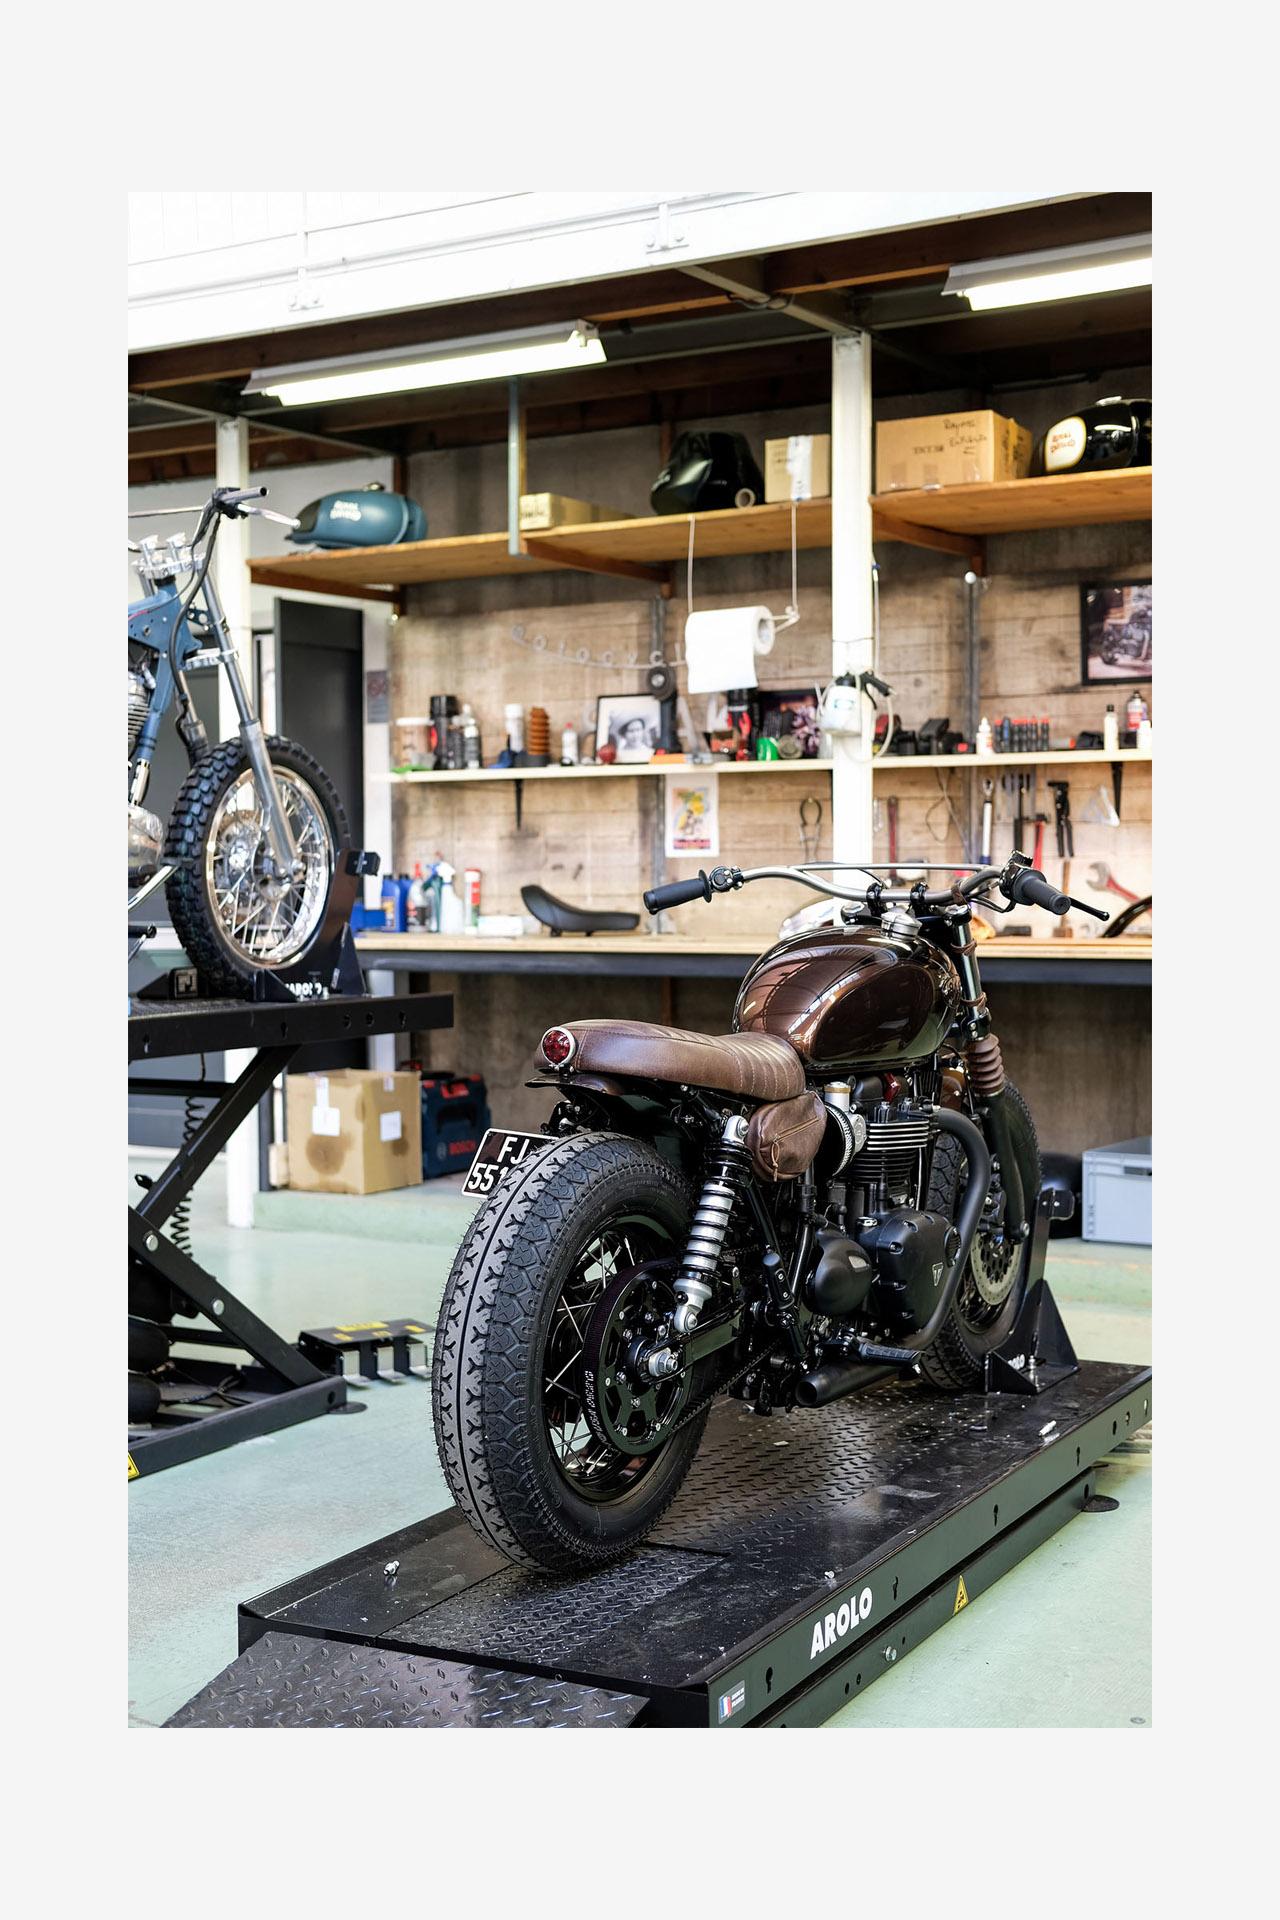 baak-motocyclettes-12B